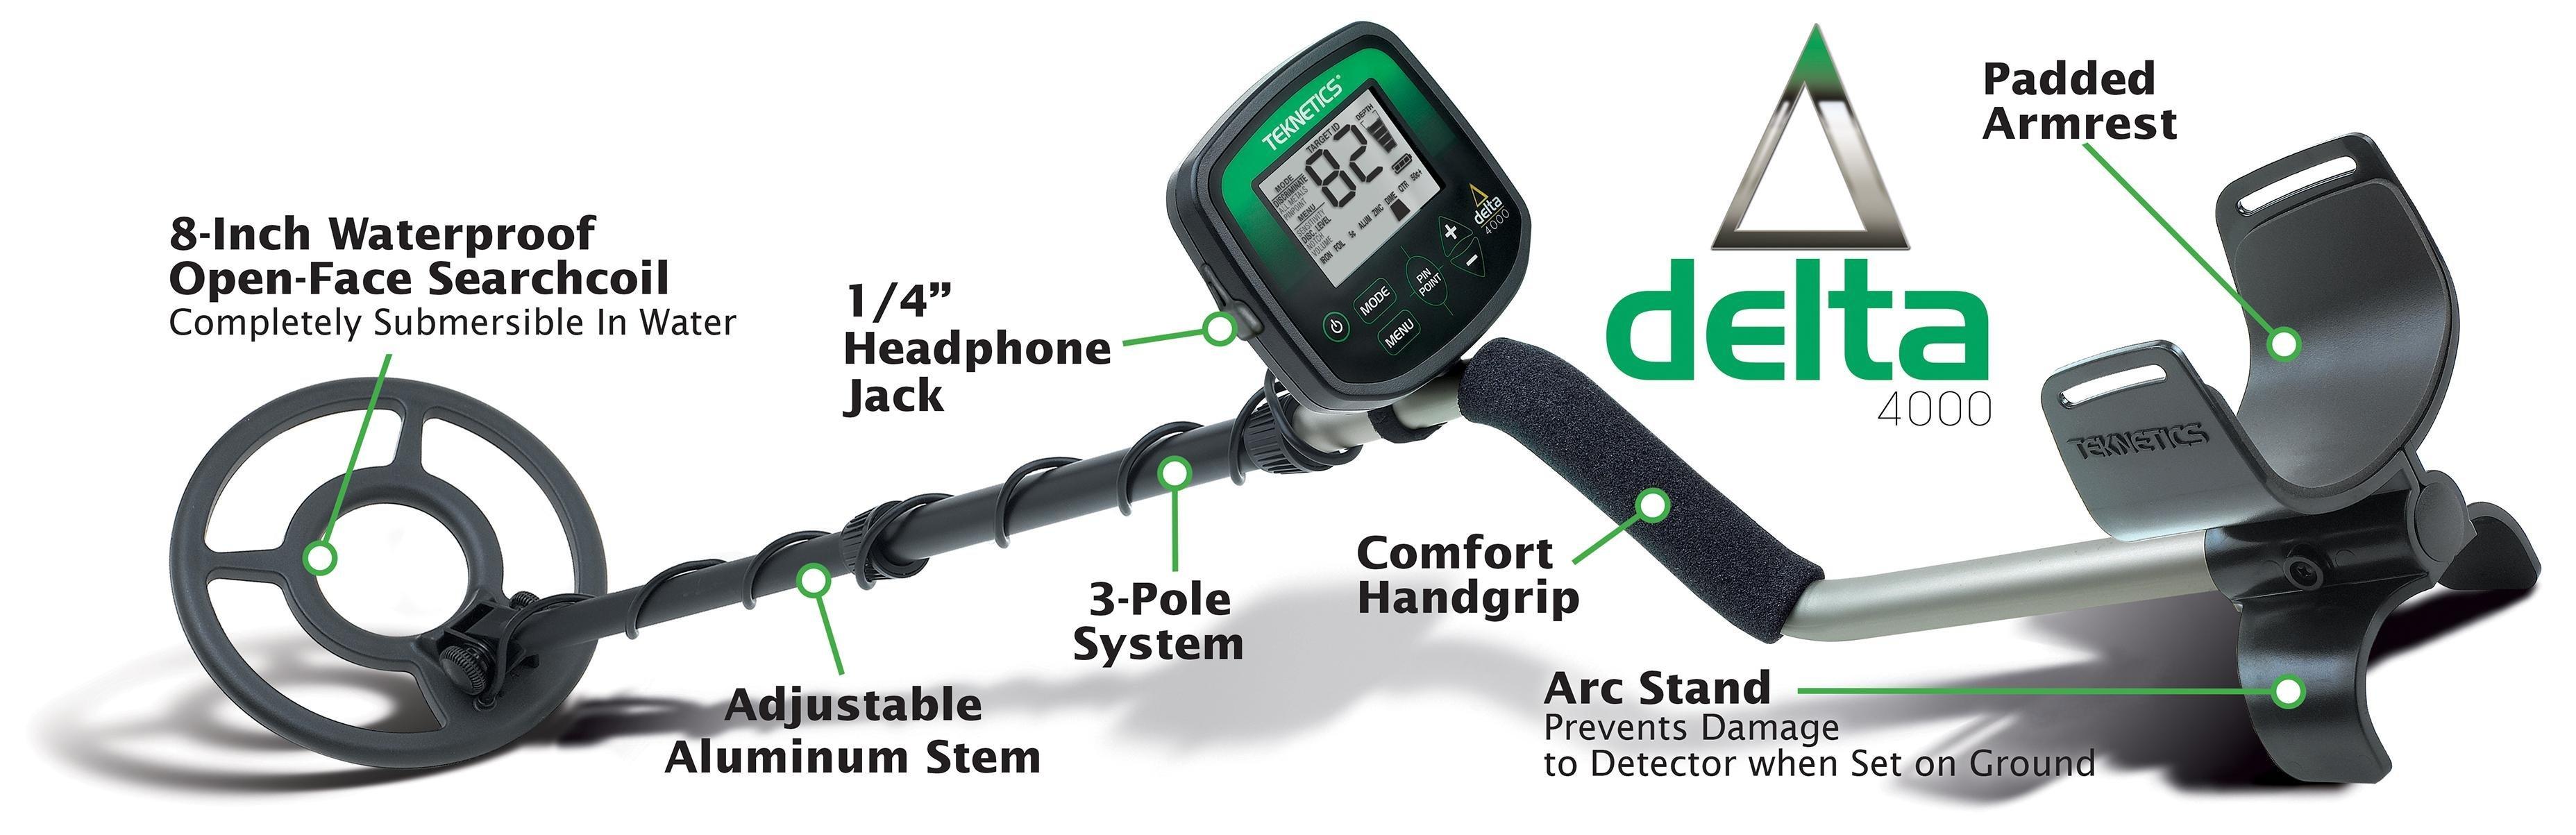 Amazon.com : Teknetics Delta 4000 Metal Detector ...